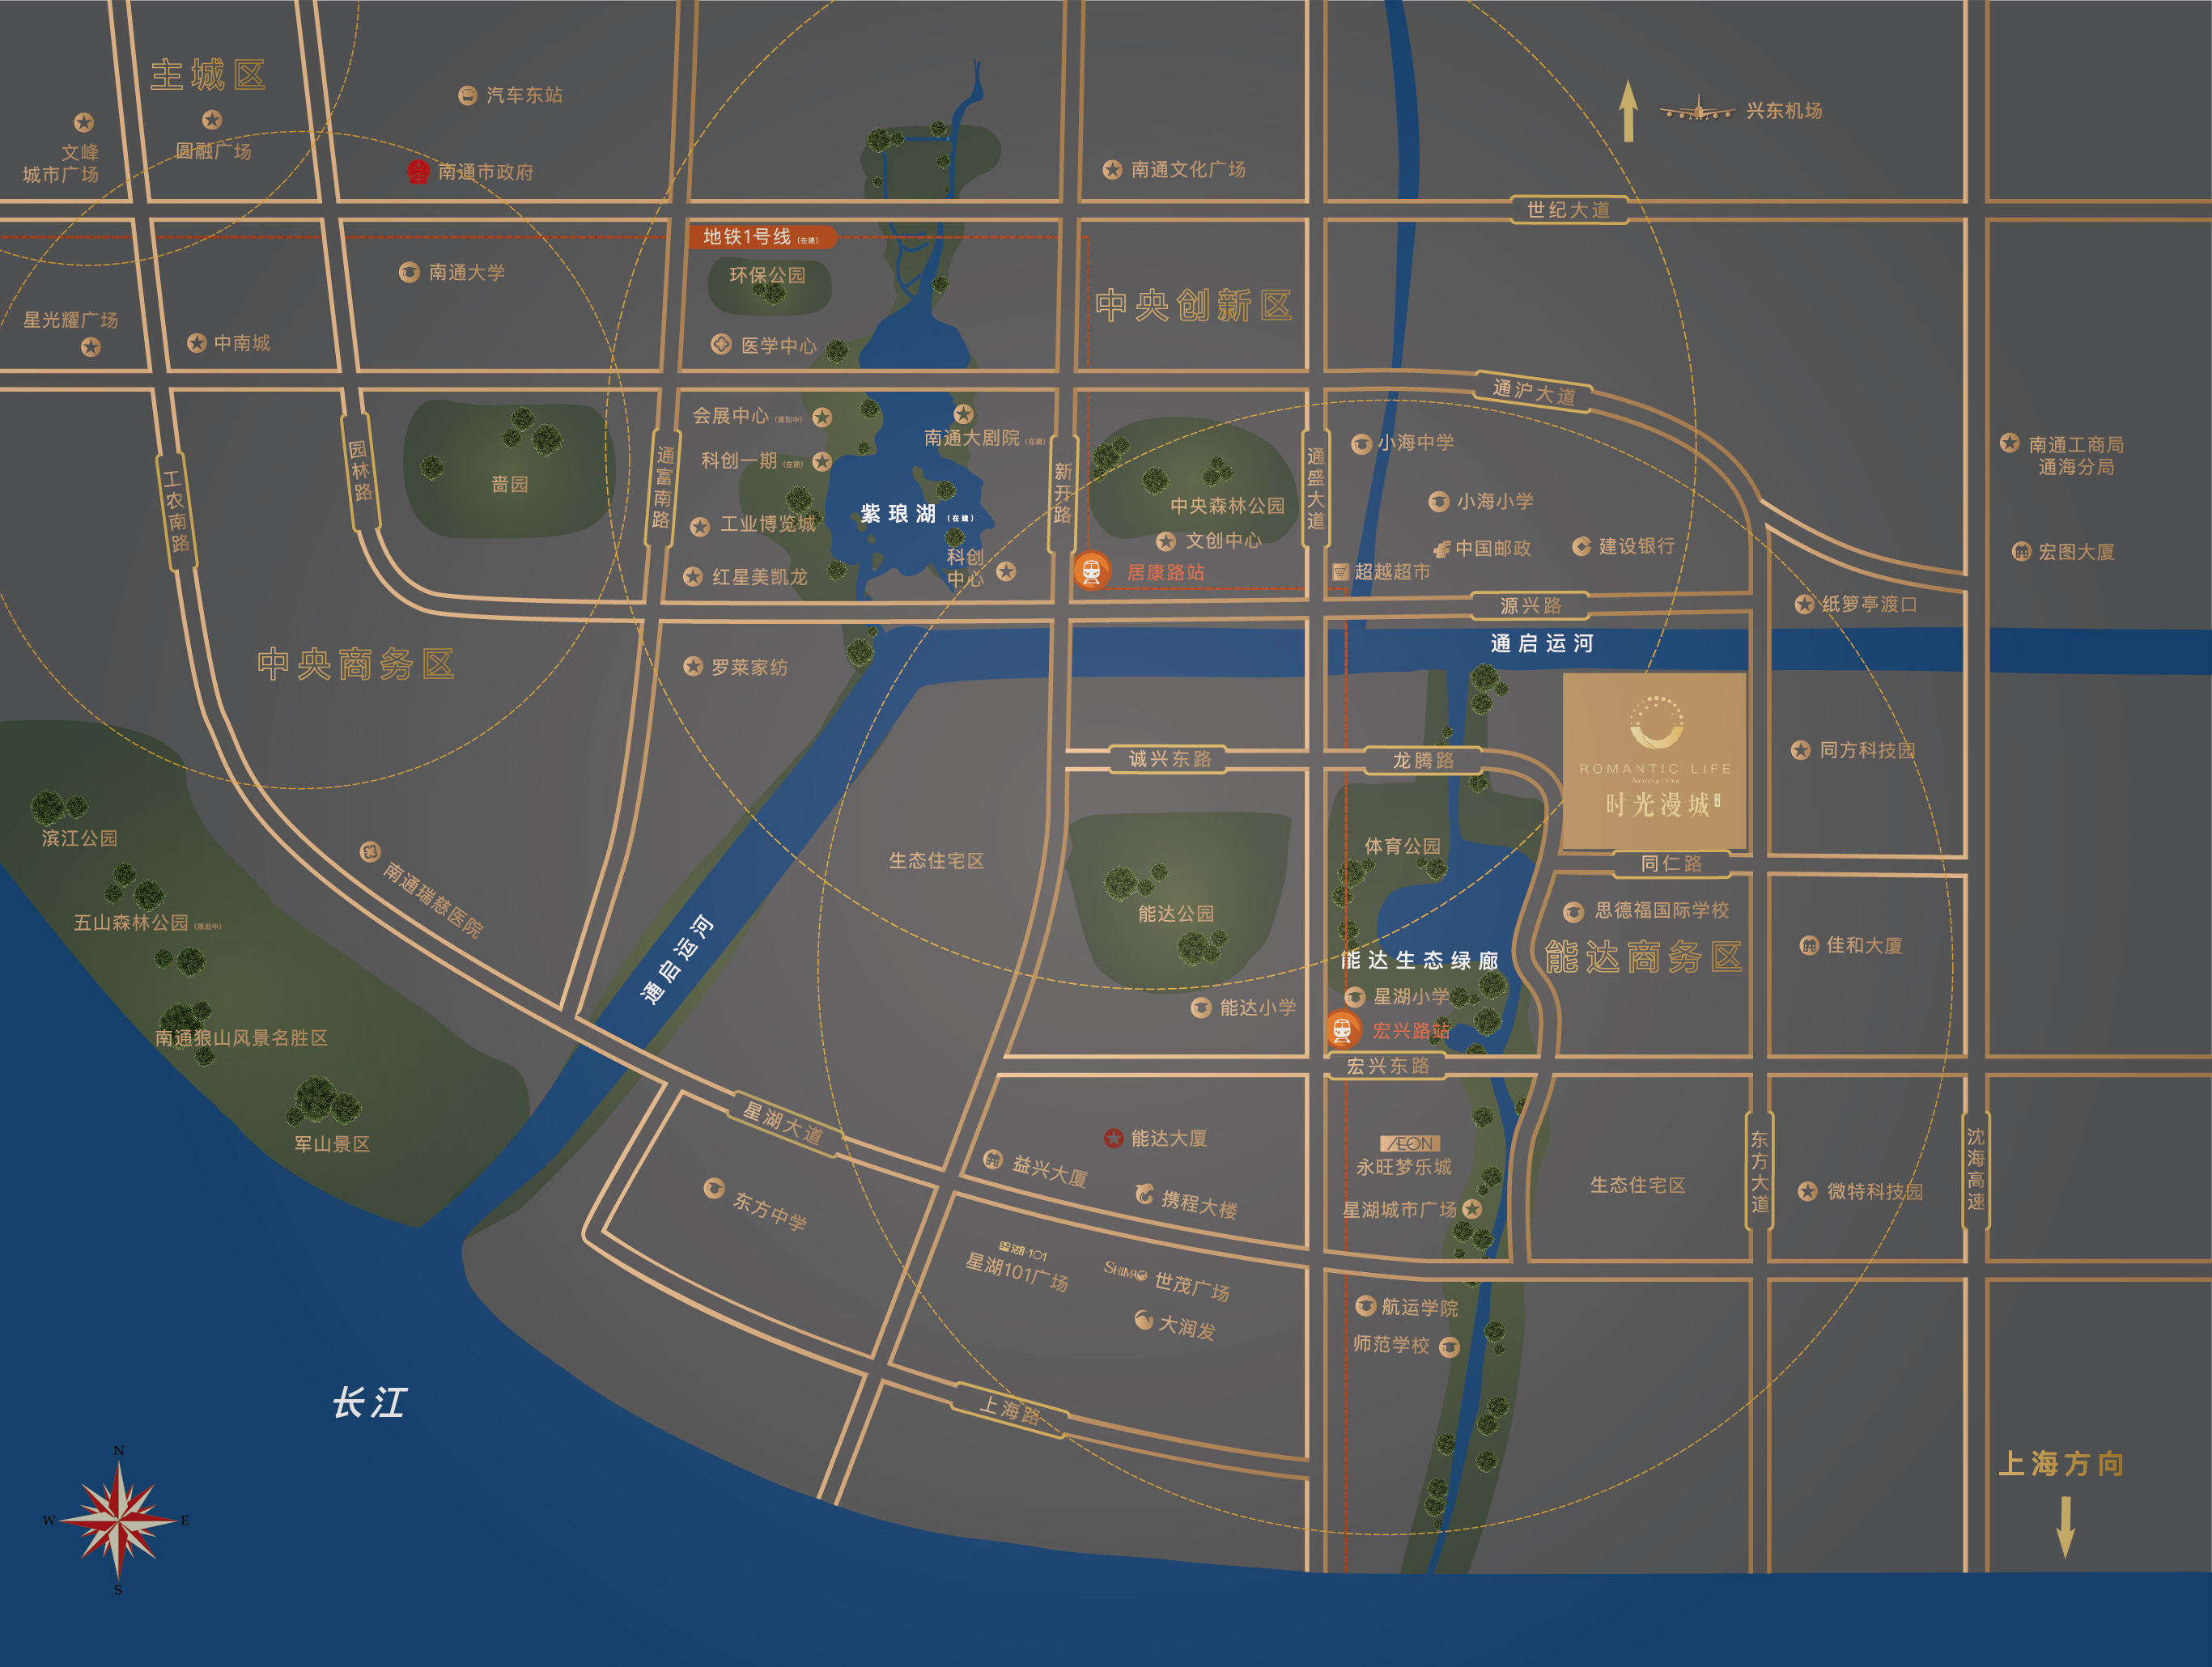 时光漫城交通图